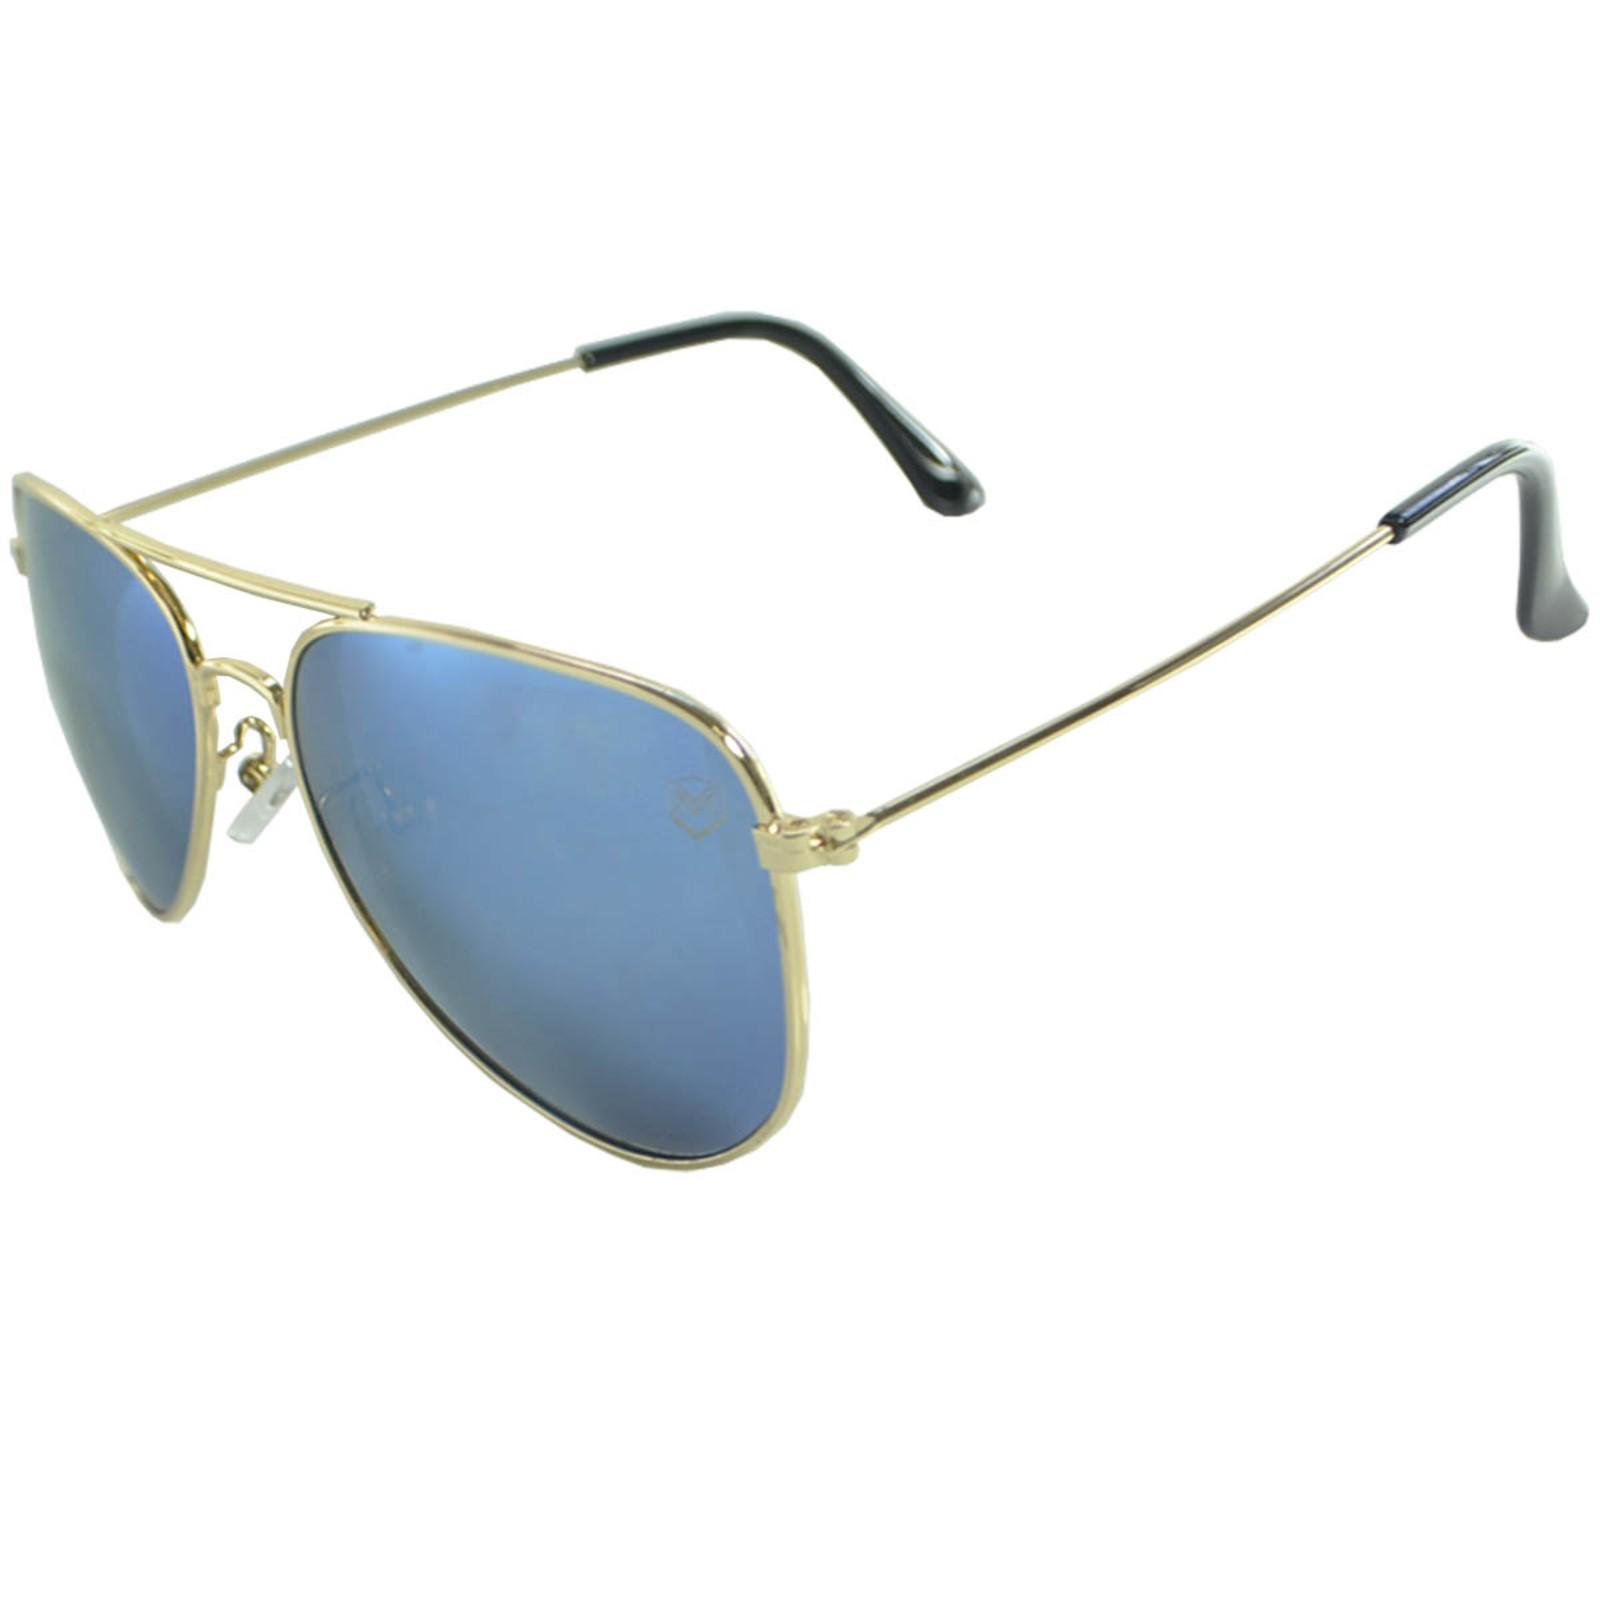 Óculos De Sol Mackage Unissex Metal Aviador Clássico - Dourado